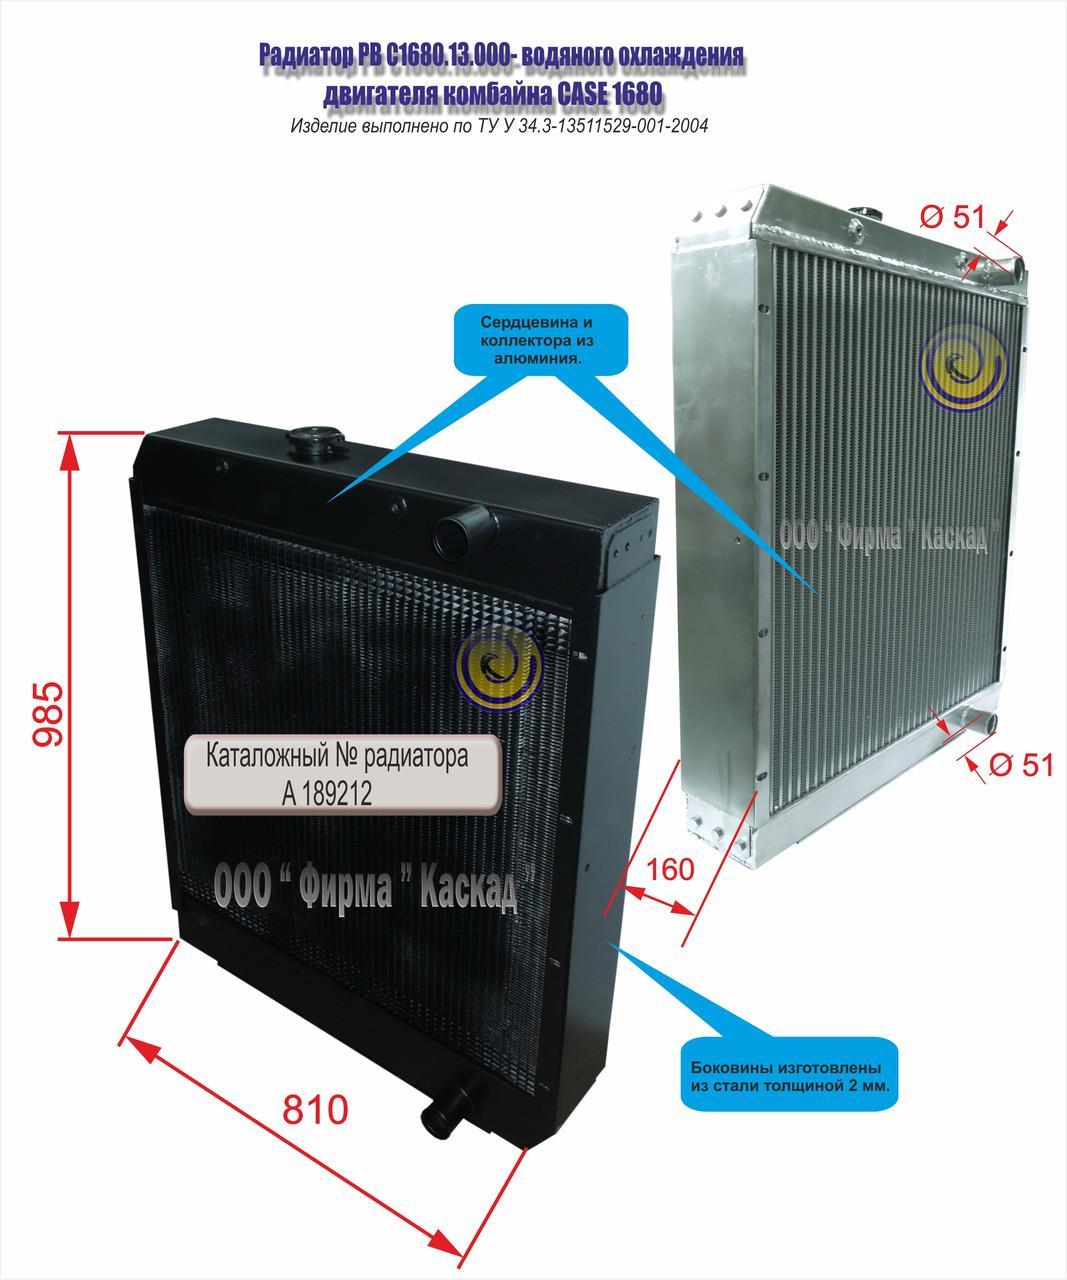 Радиатор водяного охлаждения двигателя комбайна CASE 1680